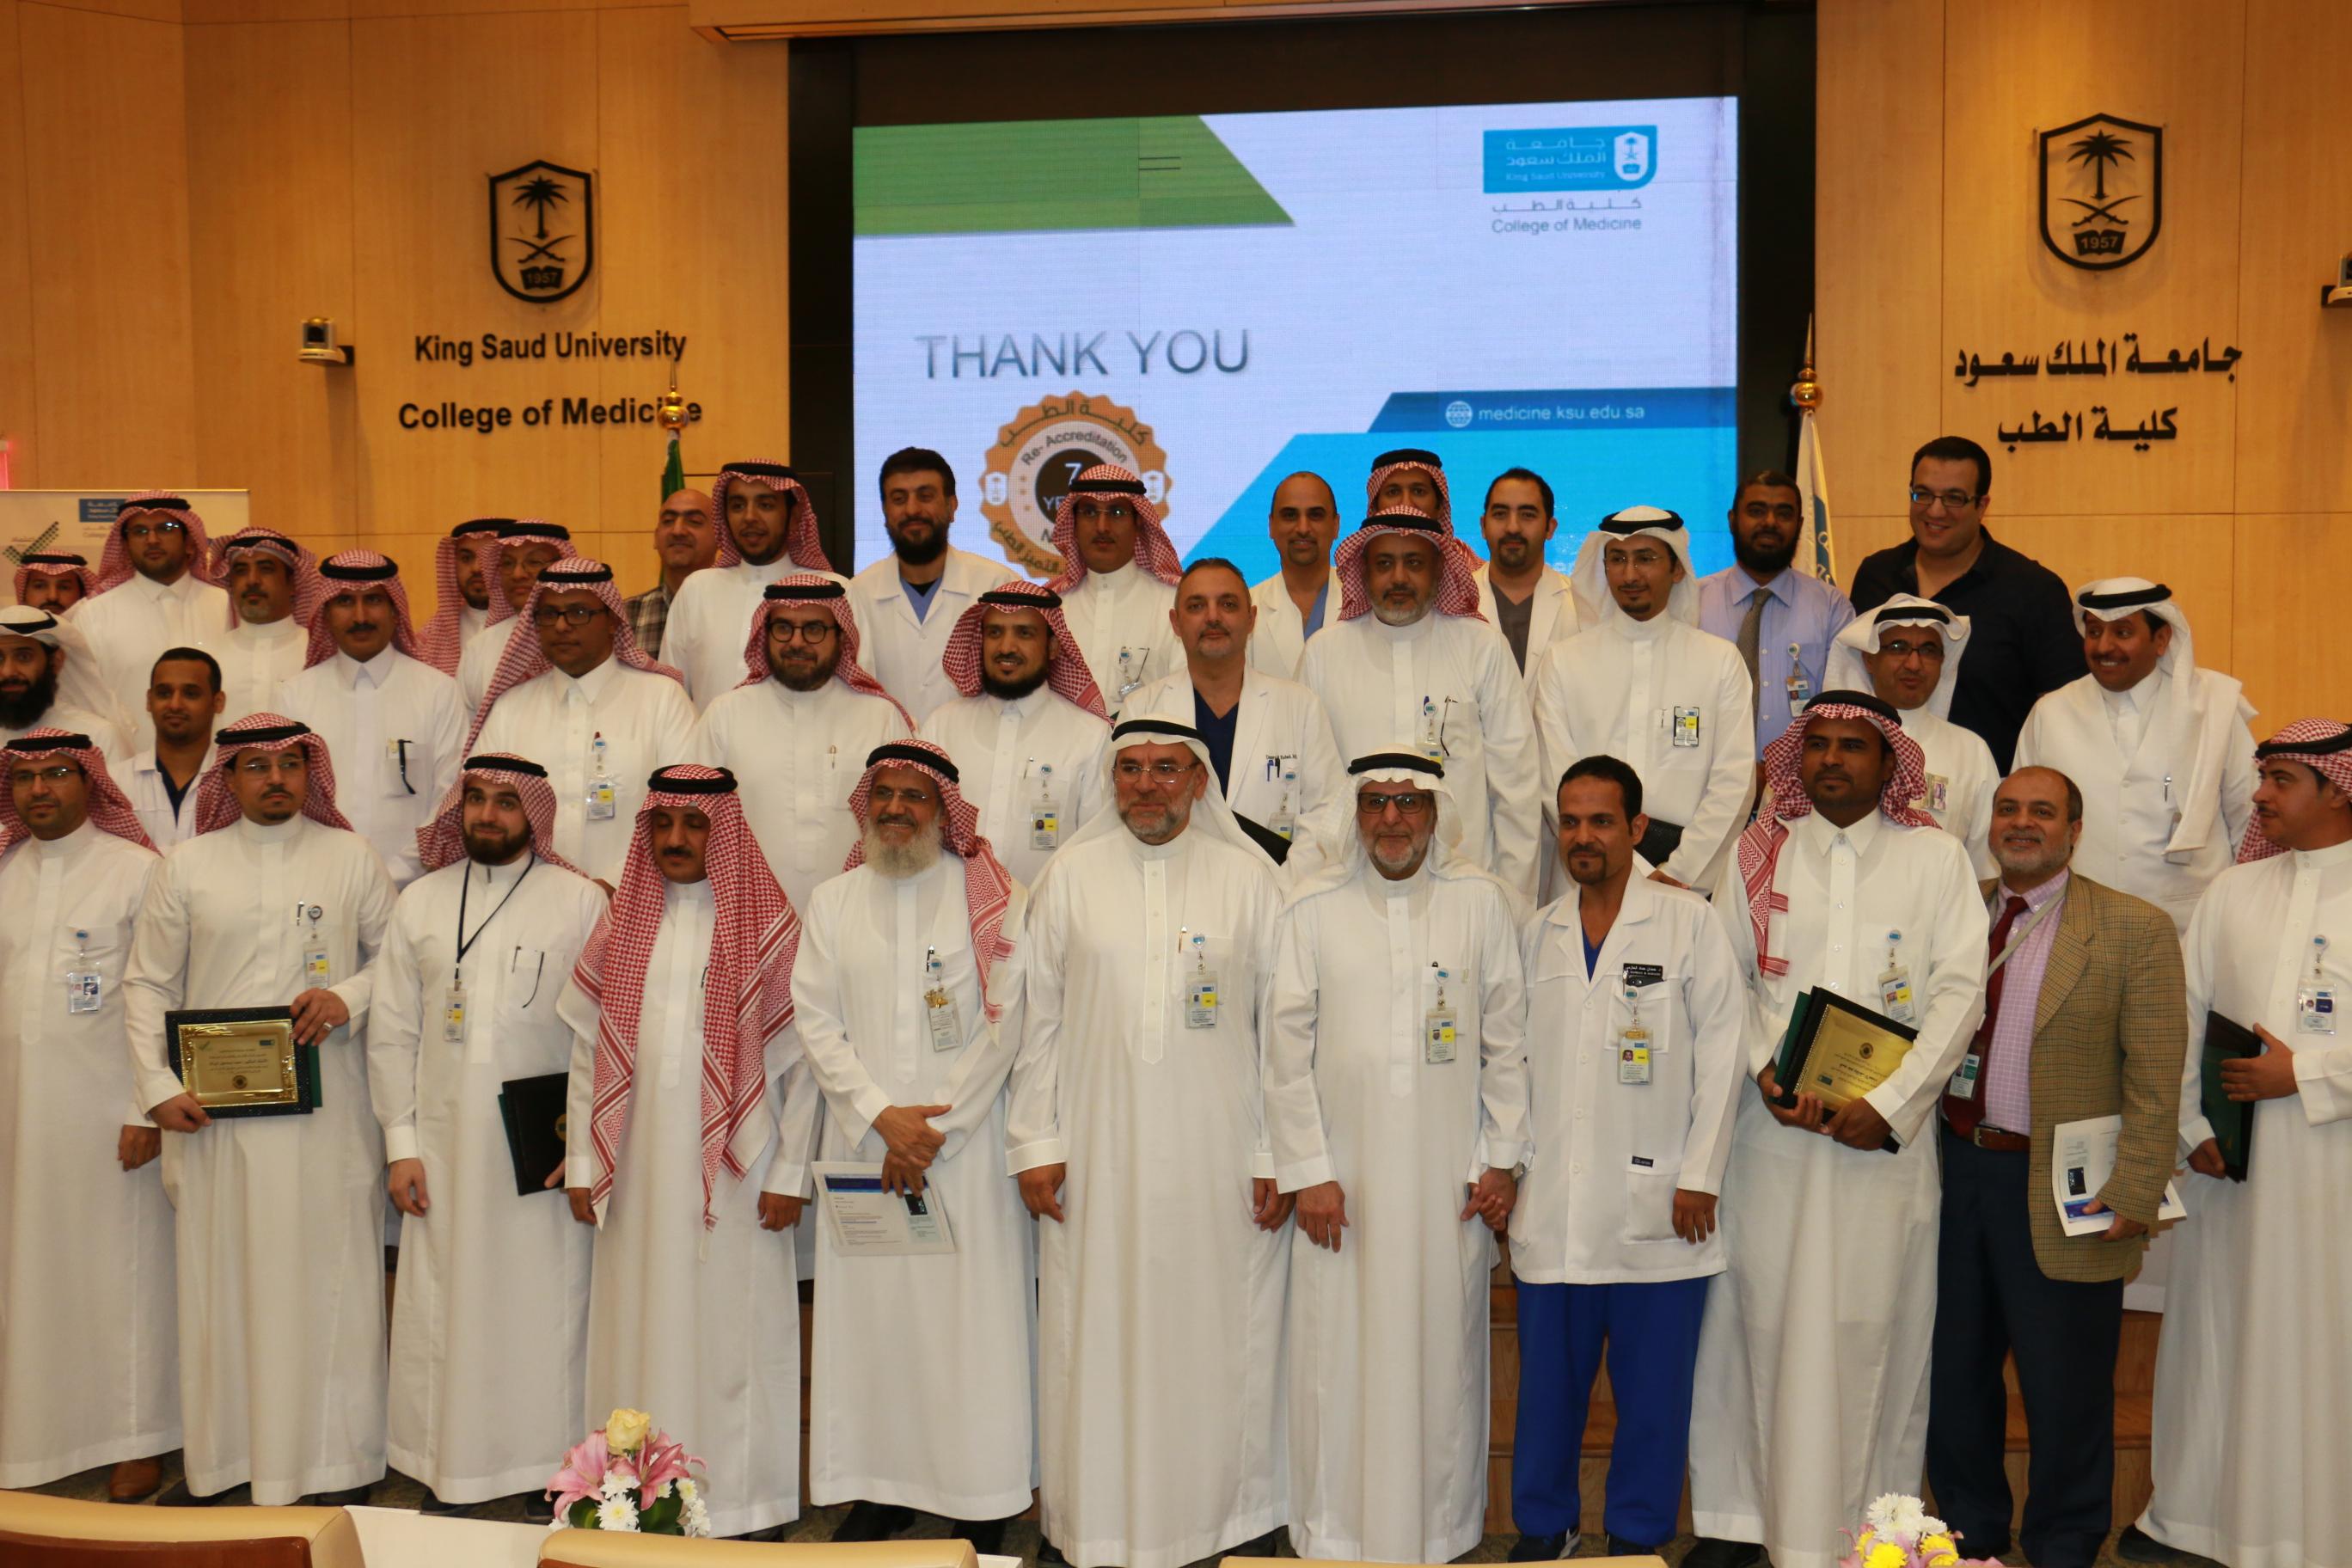 كلية الطب تحتفي بالاعتماد الأكاديمي وتكرم الدكتور يوسف عسيري والدكتور صالح القسومي